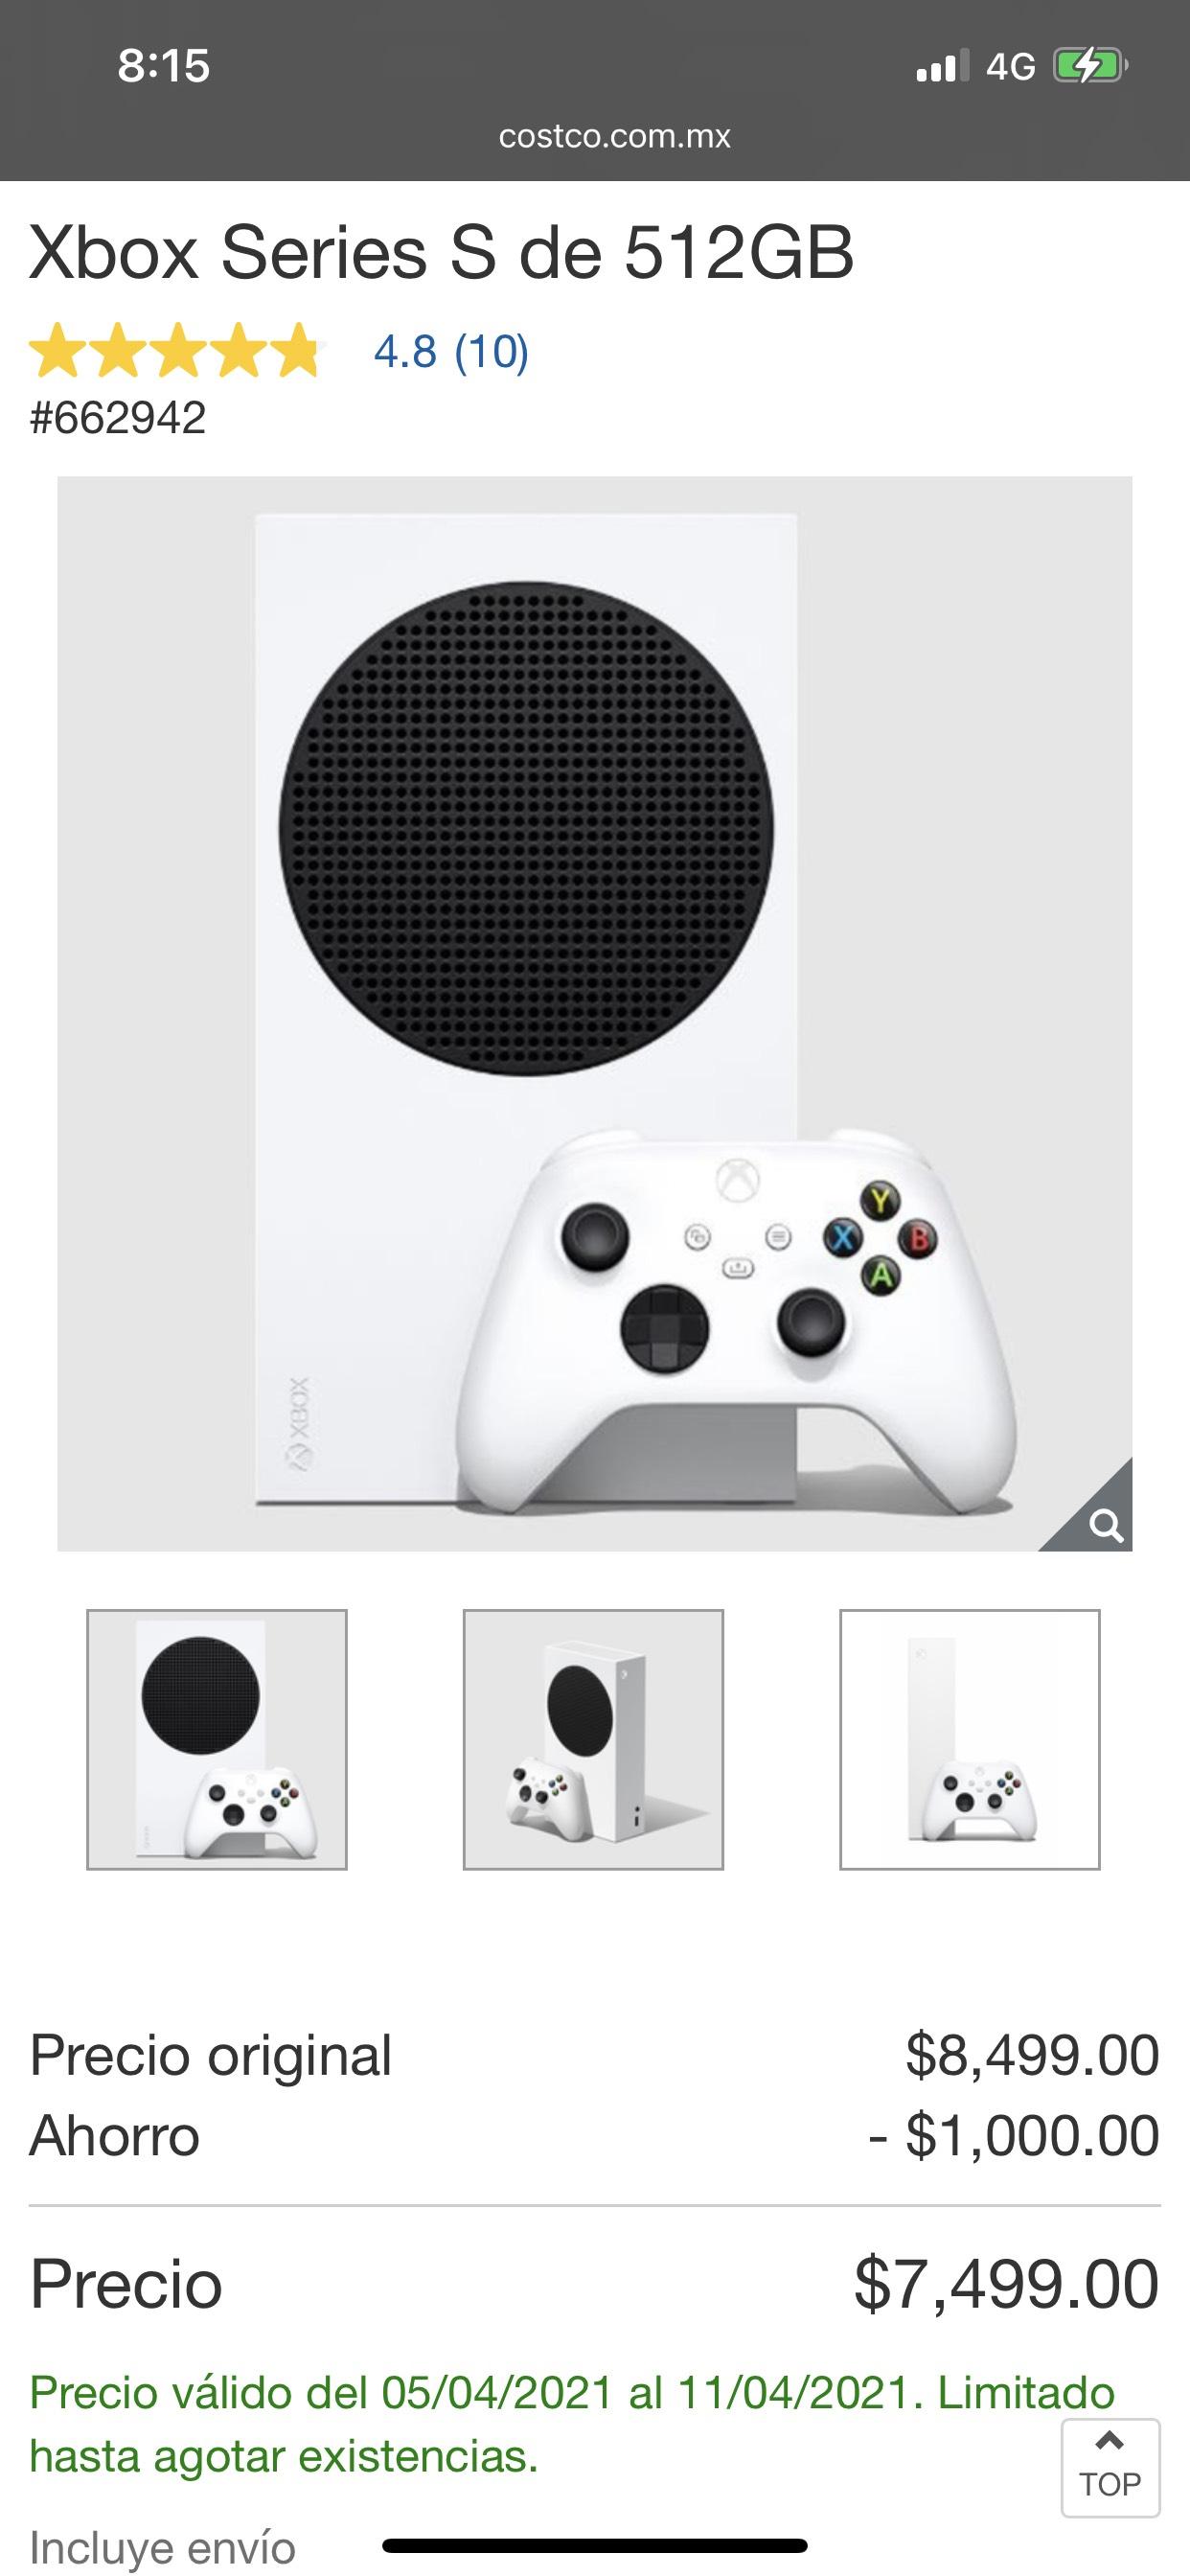 Costco: Xbox series S